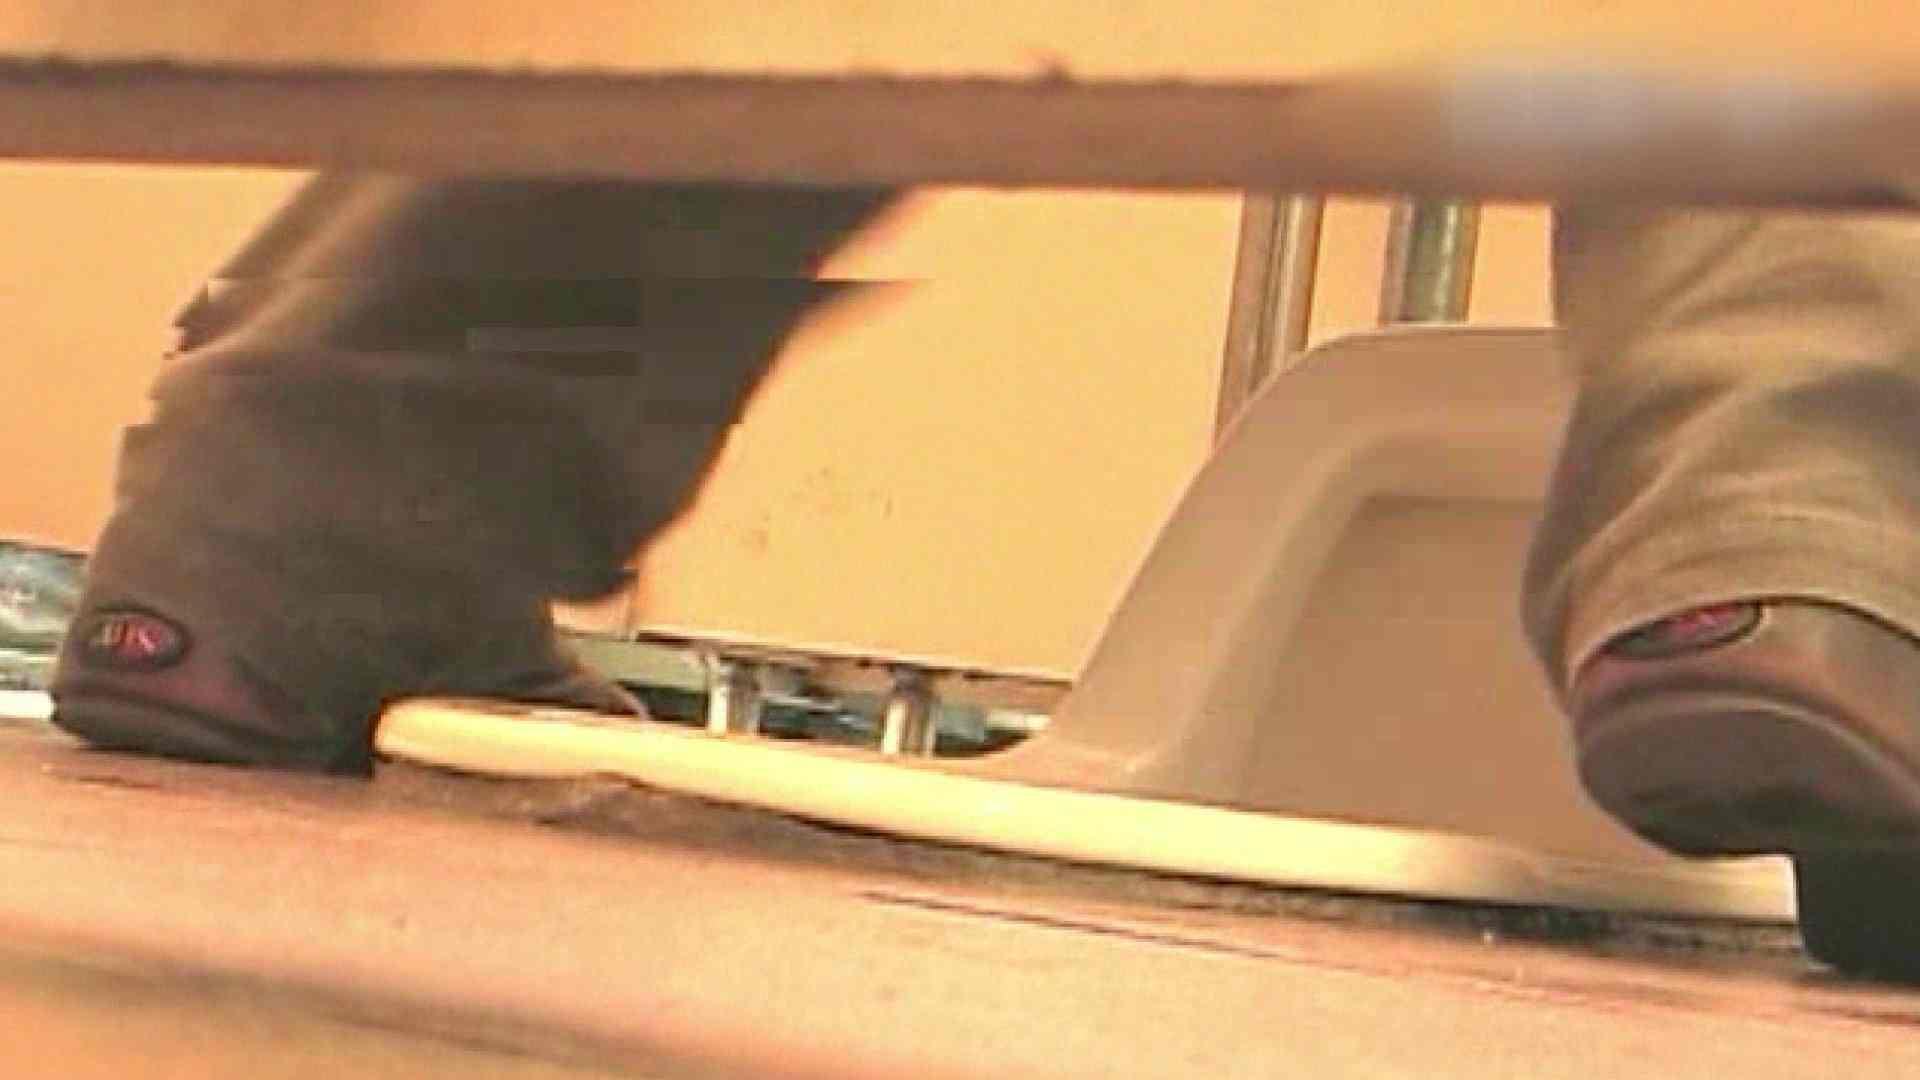 ロックハンドさんの盗撮記録File.26 パンティ 盗撮画像 102PIX 85